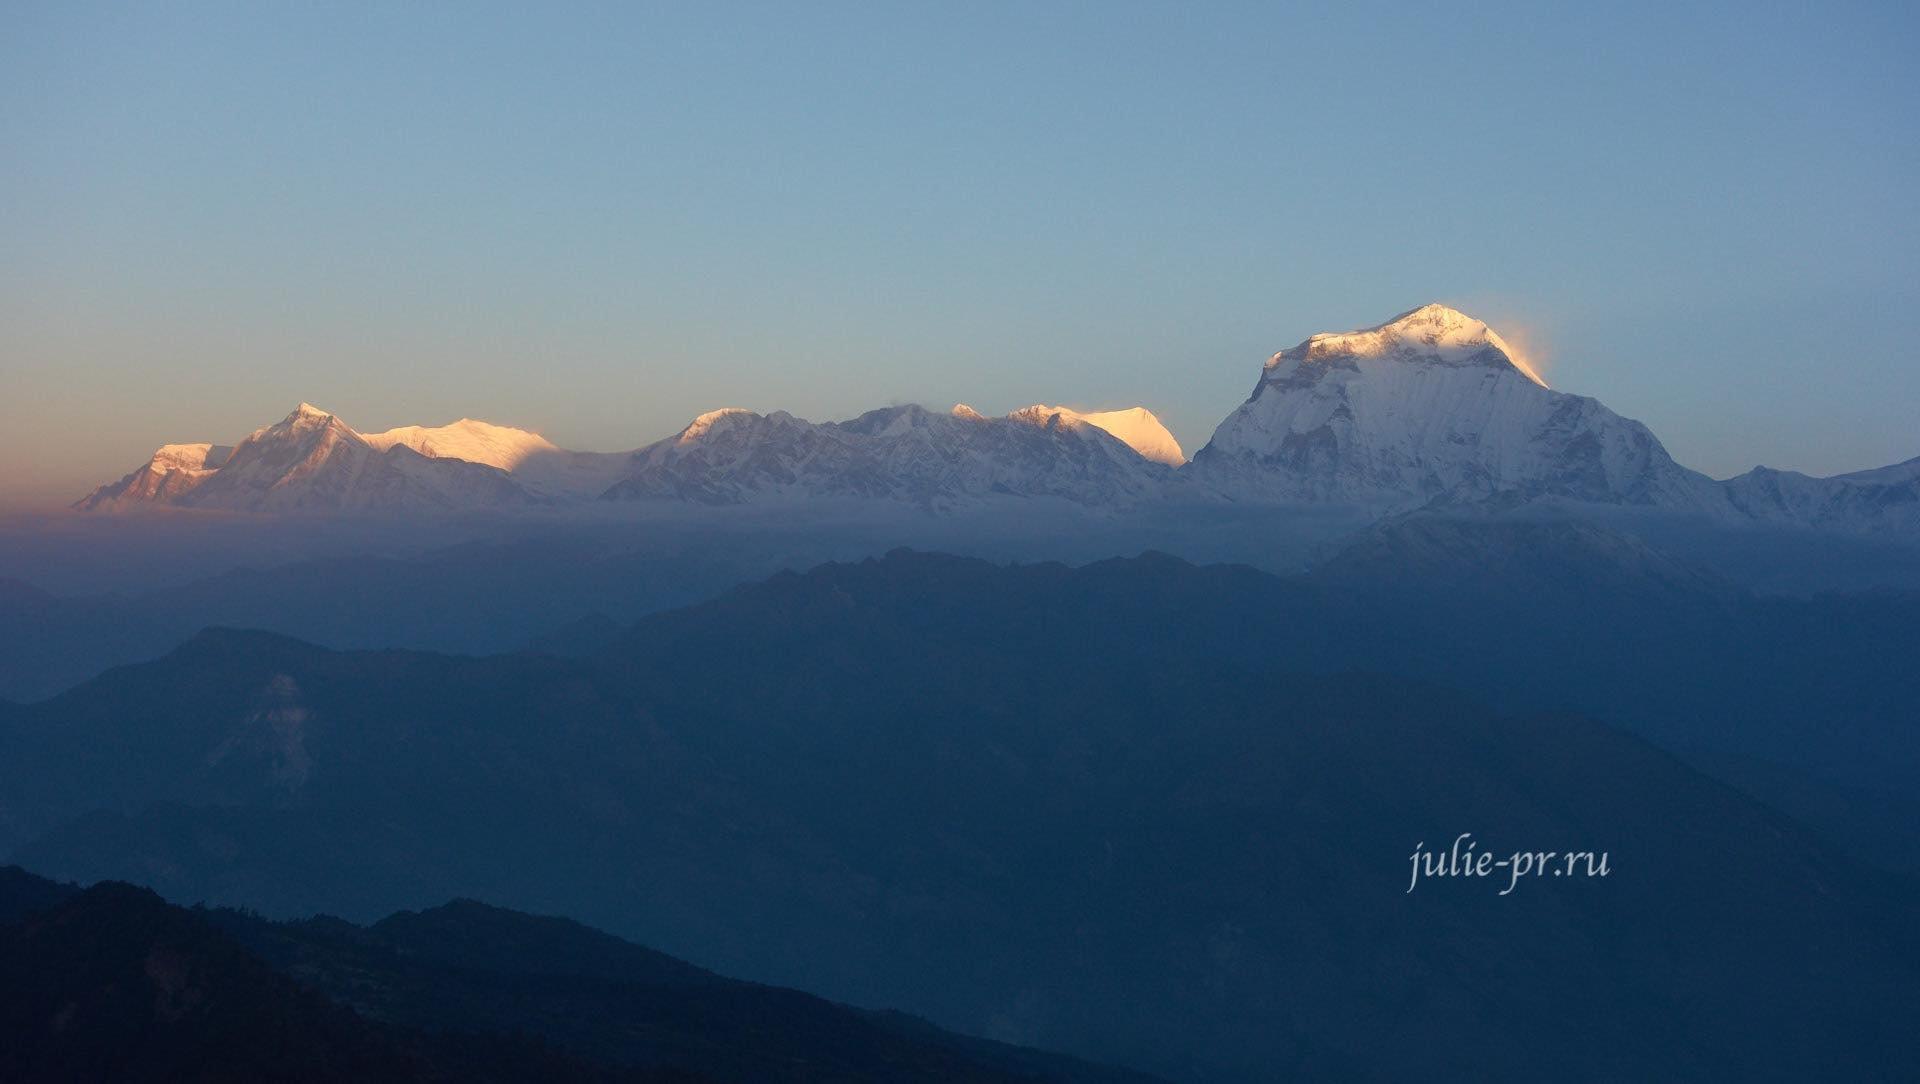 Непал, Пун-Хилл трек, Восход, Дхаулагири